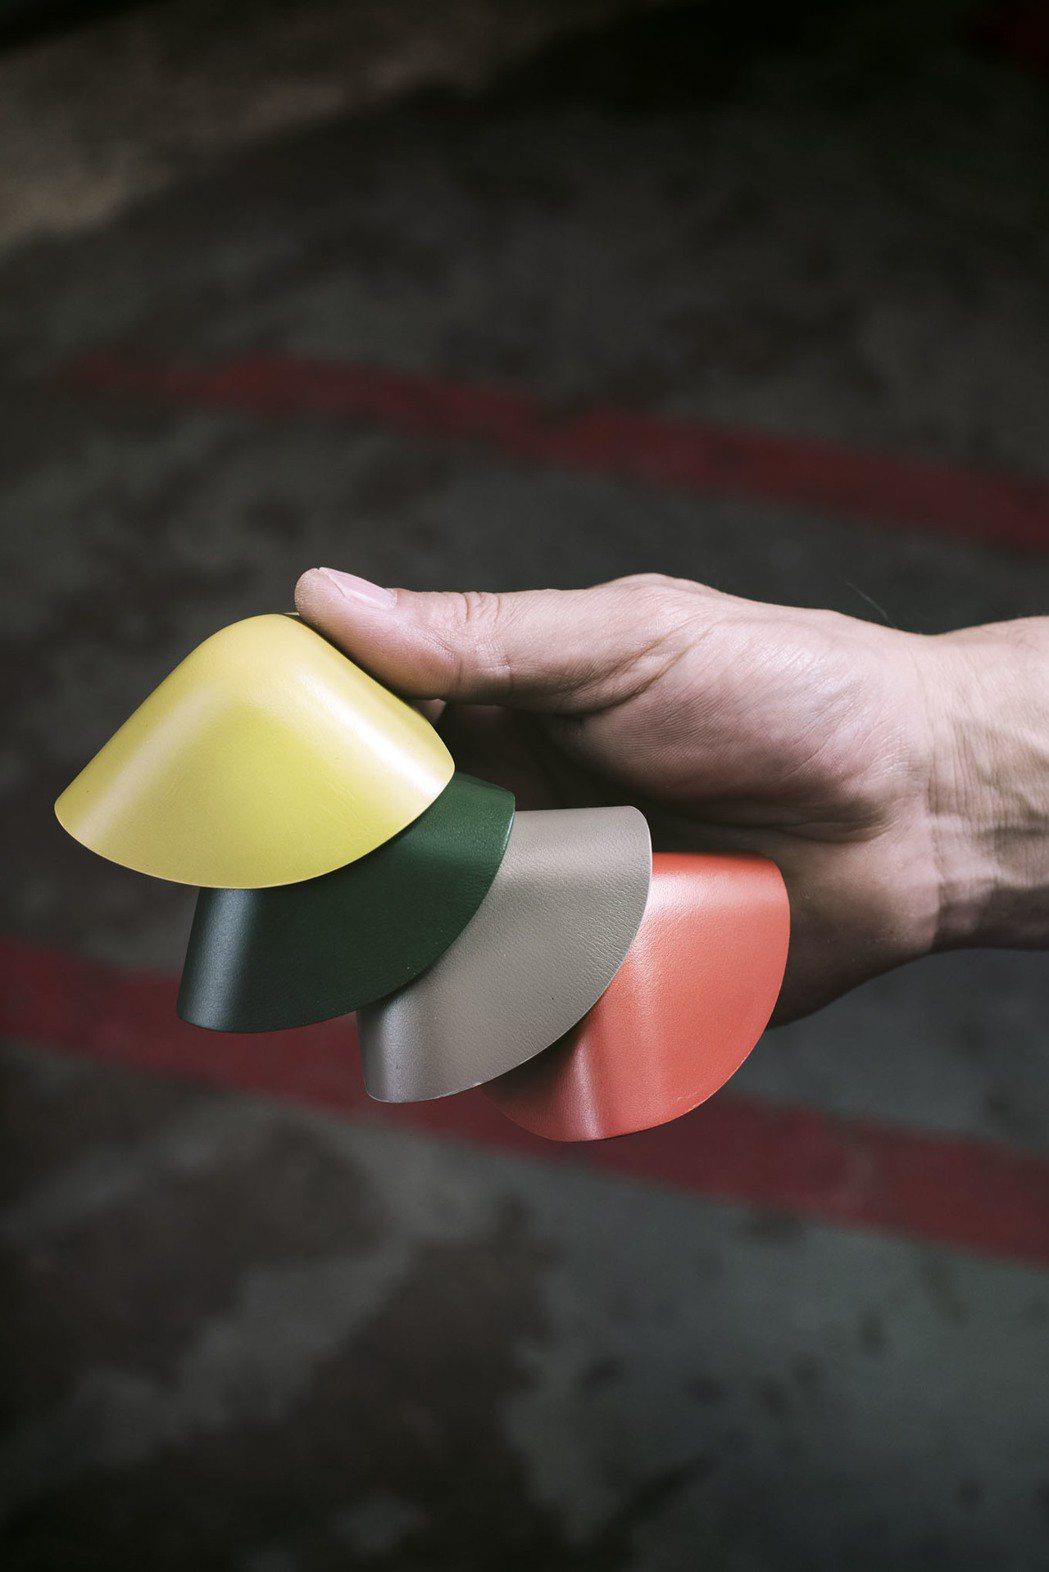 箱角也可見到經典彩條化身的真皮保護裝飾。圖/Paul Smith提供